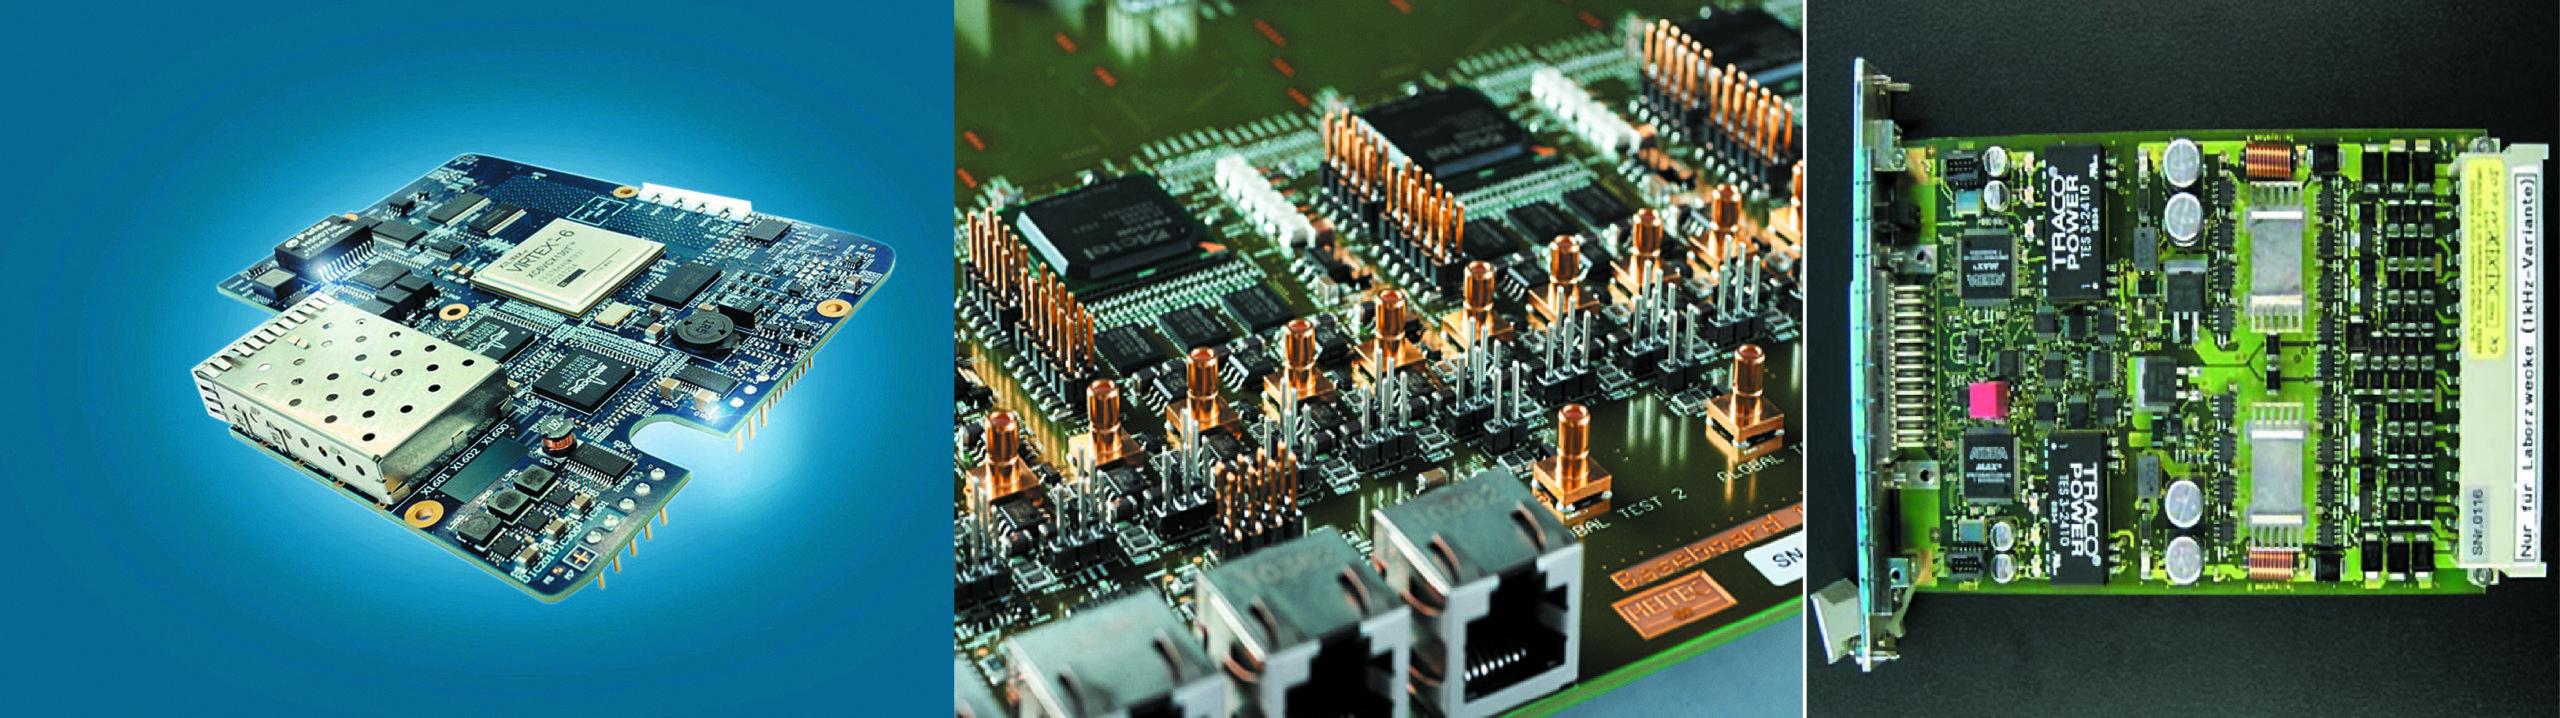 Разработка и производство электронных модулей